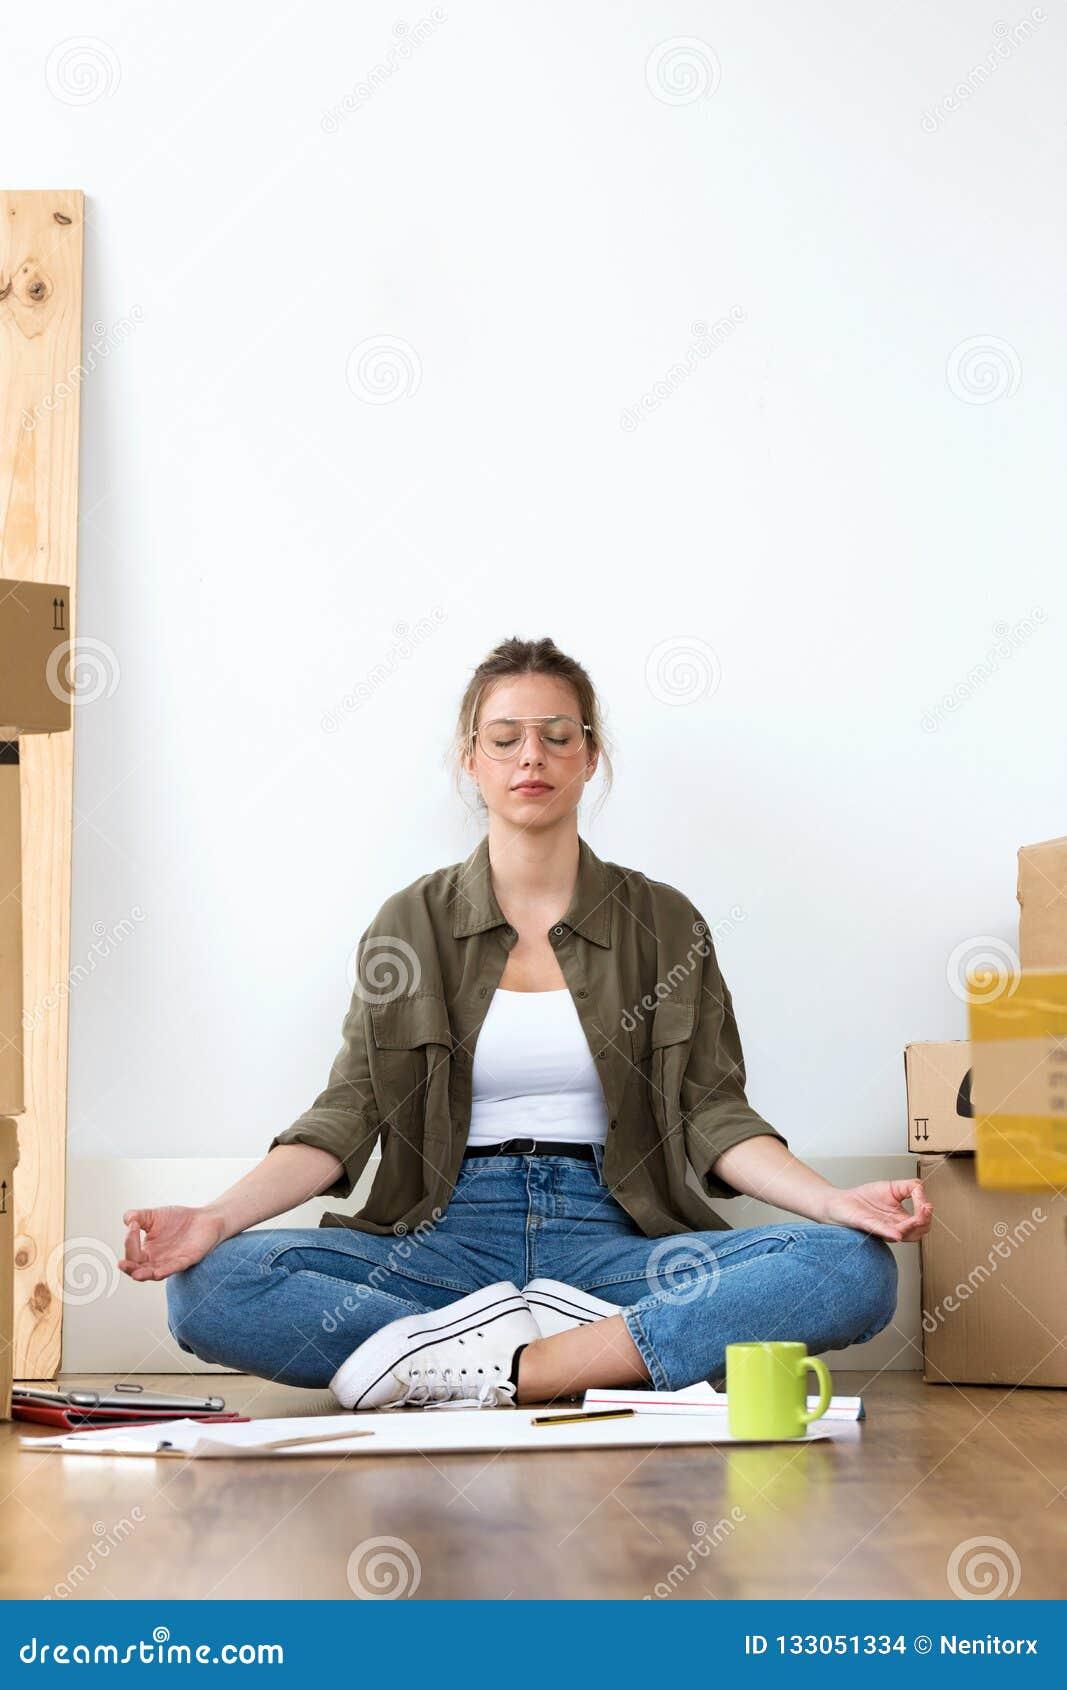 Entspannte junge Frau, die Yoga beim Sitzen auf dem Boden ihres neuen Hauses tut